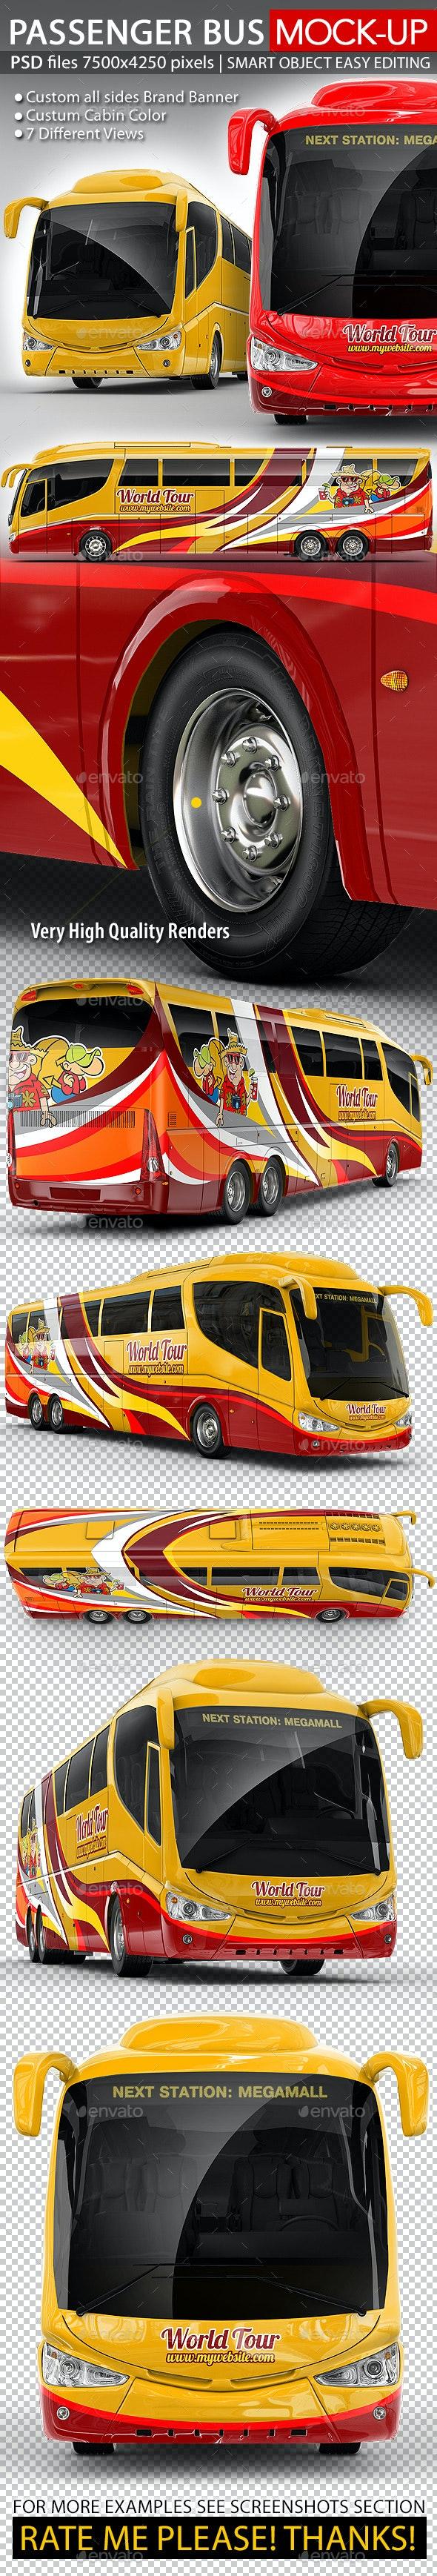 Tourist Bus, Passenger Coach Mock-Up - Vehicle Wraps Print